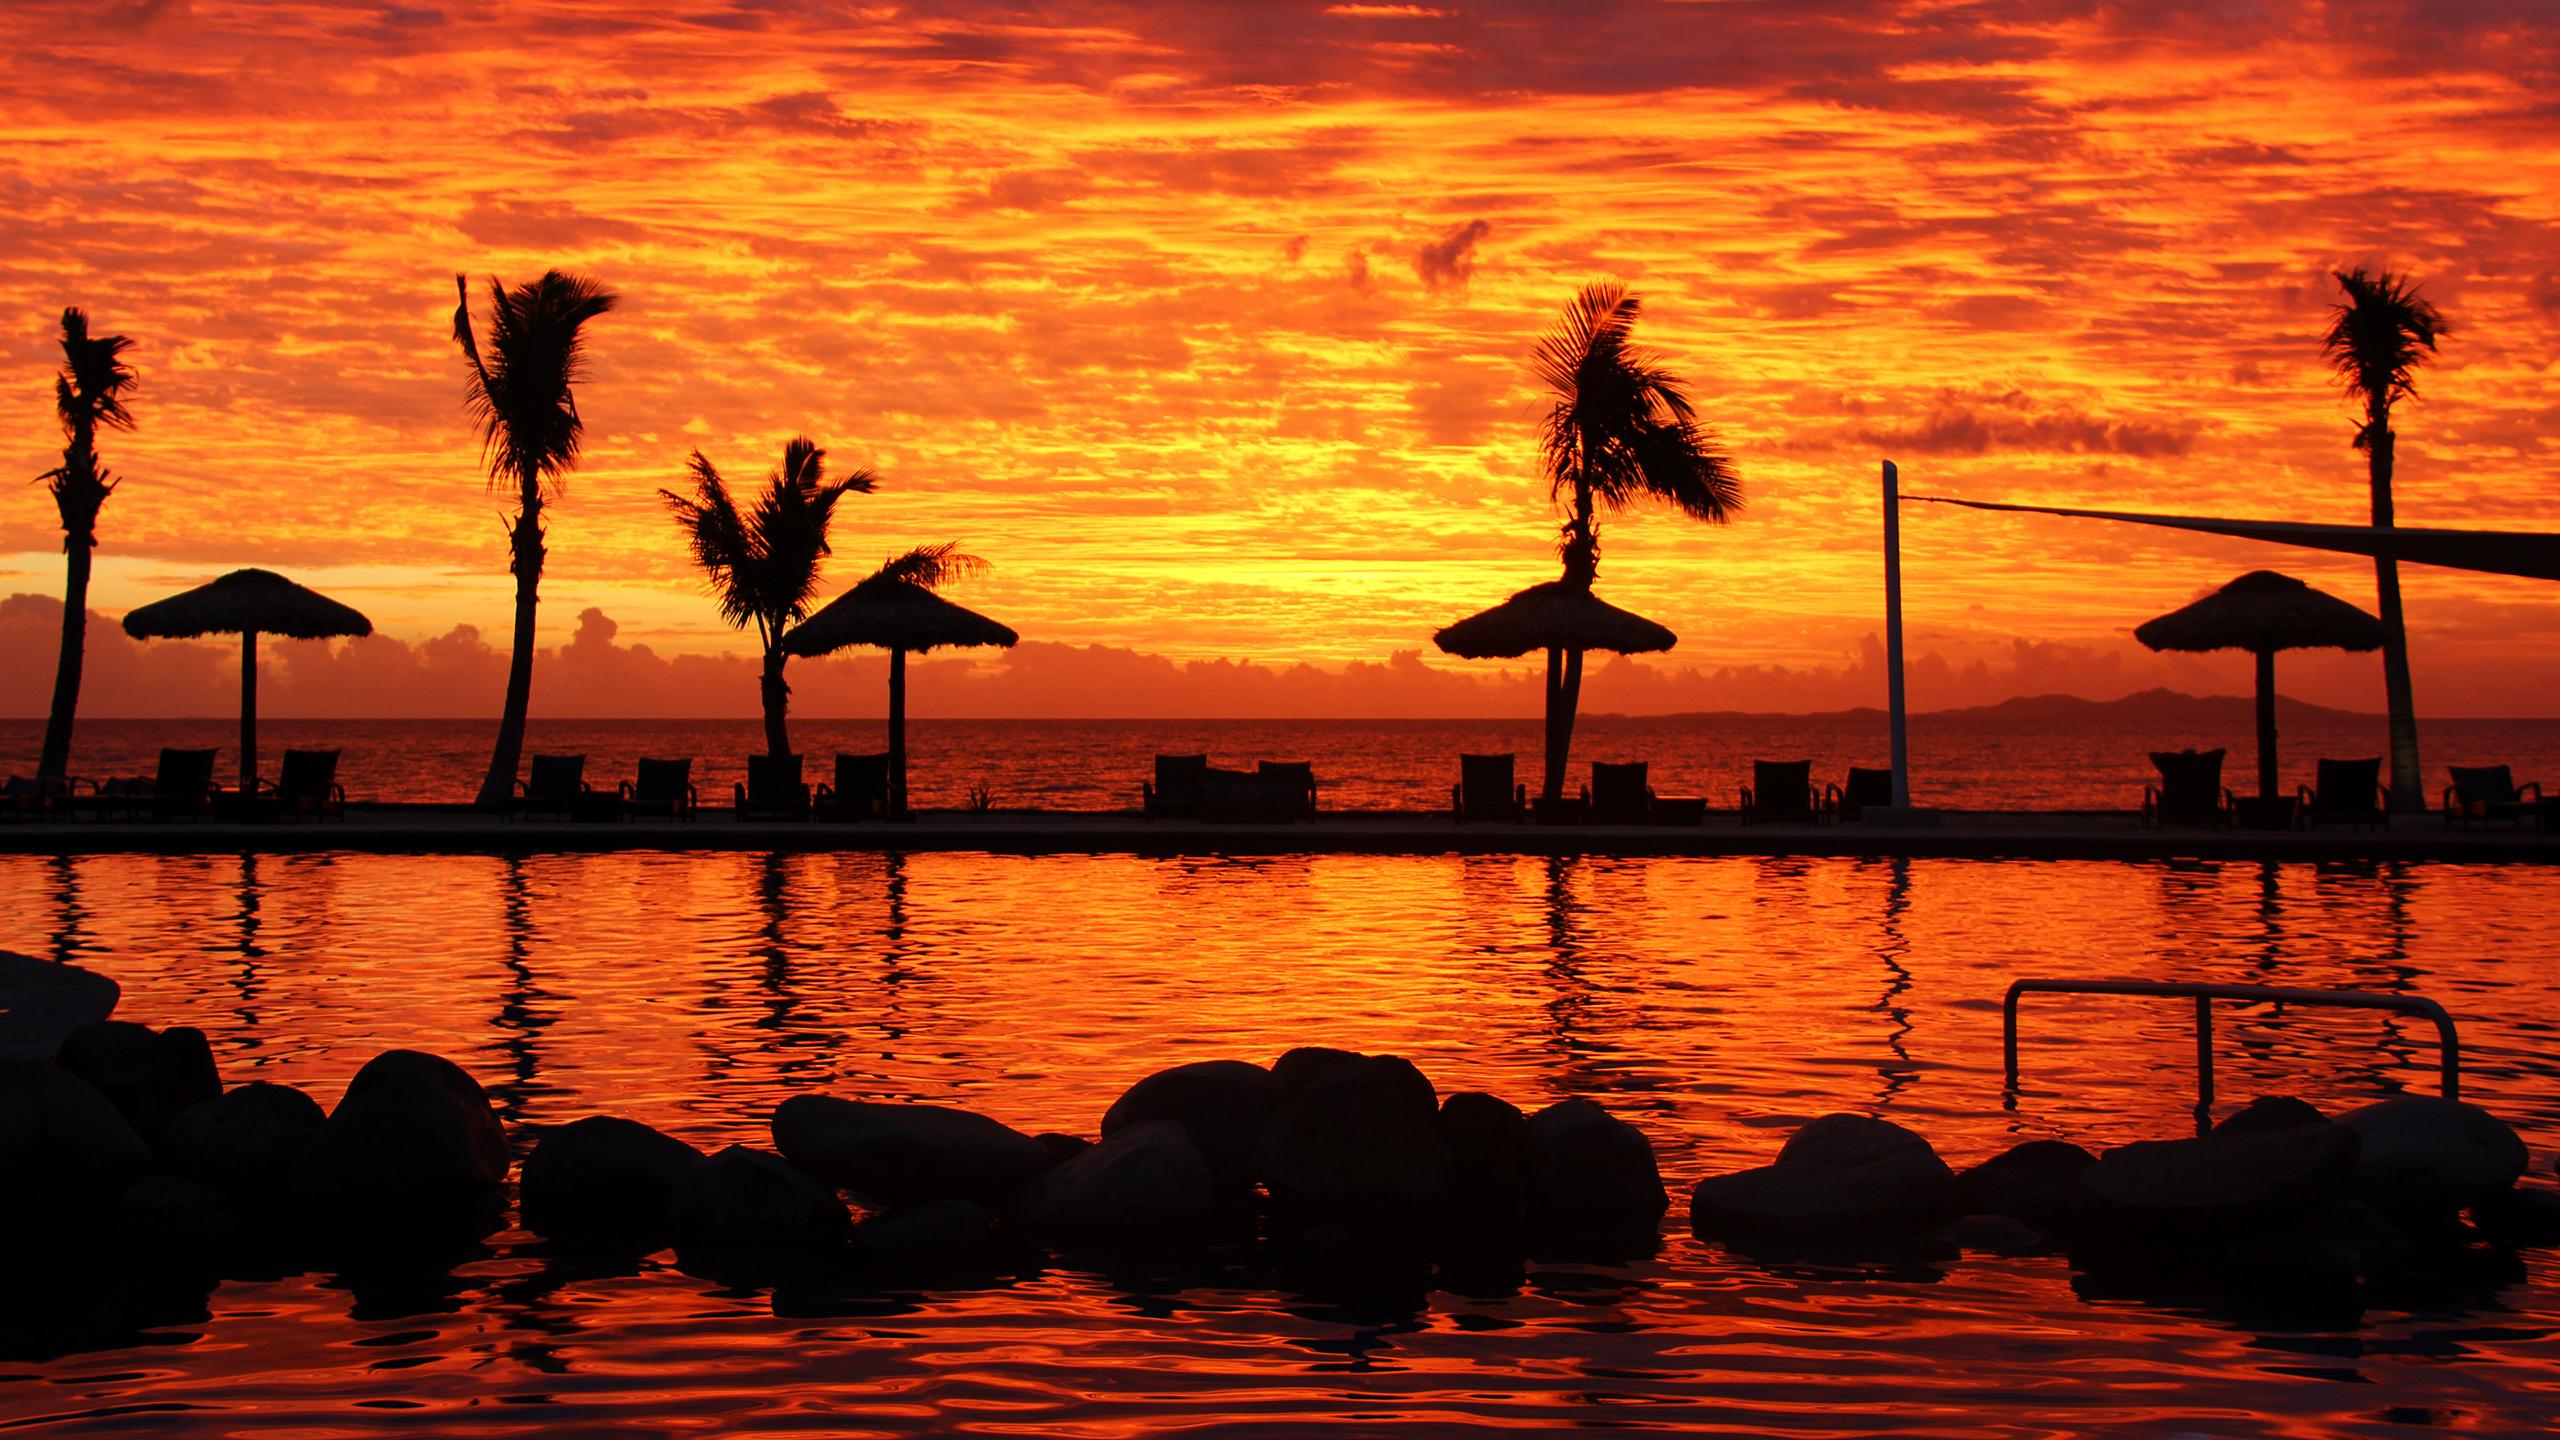 epic_sunset